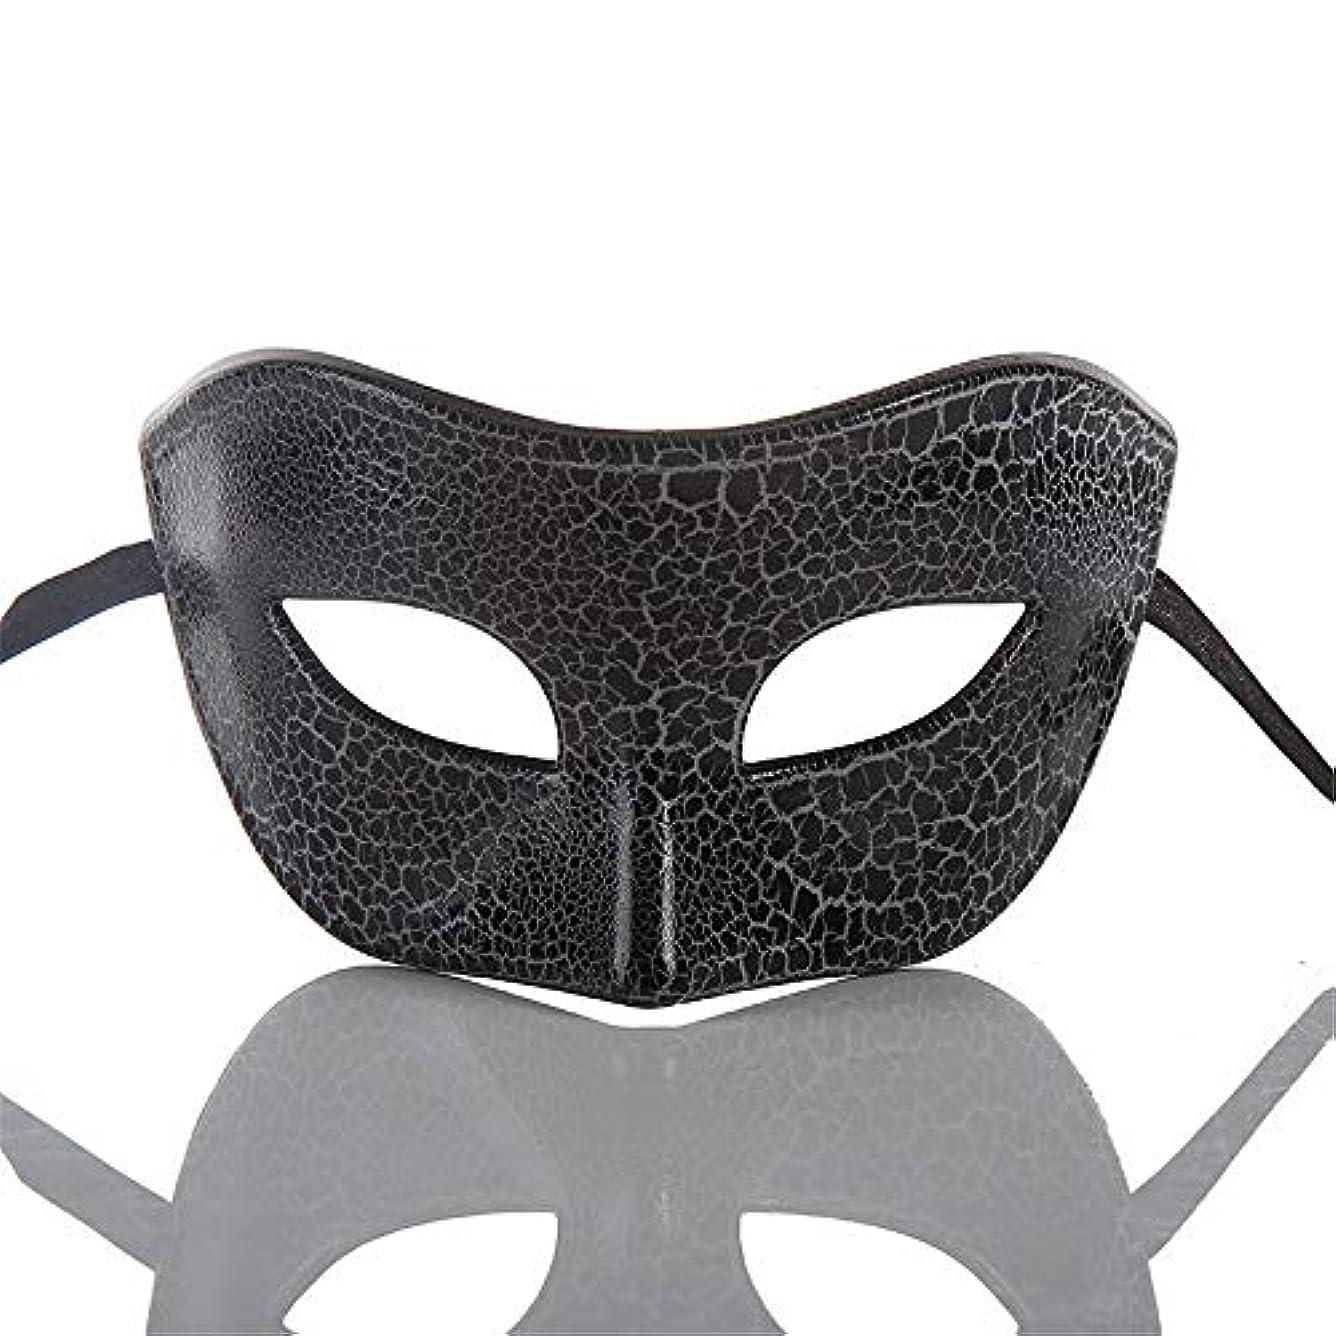 言い換えると確認広いダンスマスク ハーフマスク新しいハロウィーンマスク仮装レトロコスプレメイクナイトクラブマスク雰囲気クリスマスお祝いプラスチックマスク パーティーボールマスク (色 : ブラック, サイズ : 16.5x8cm)